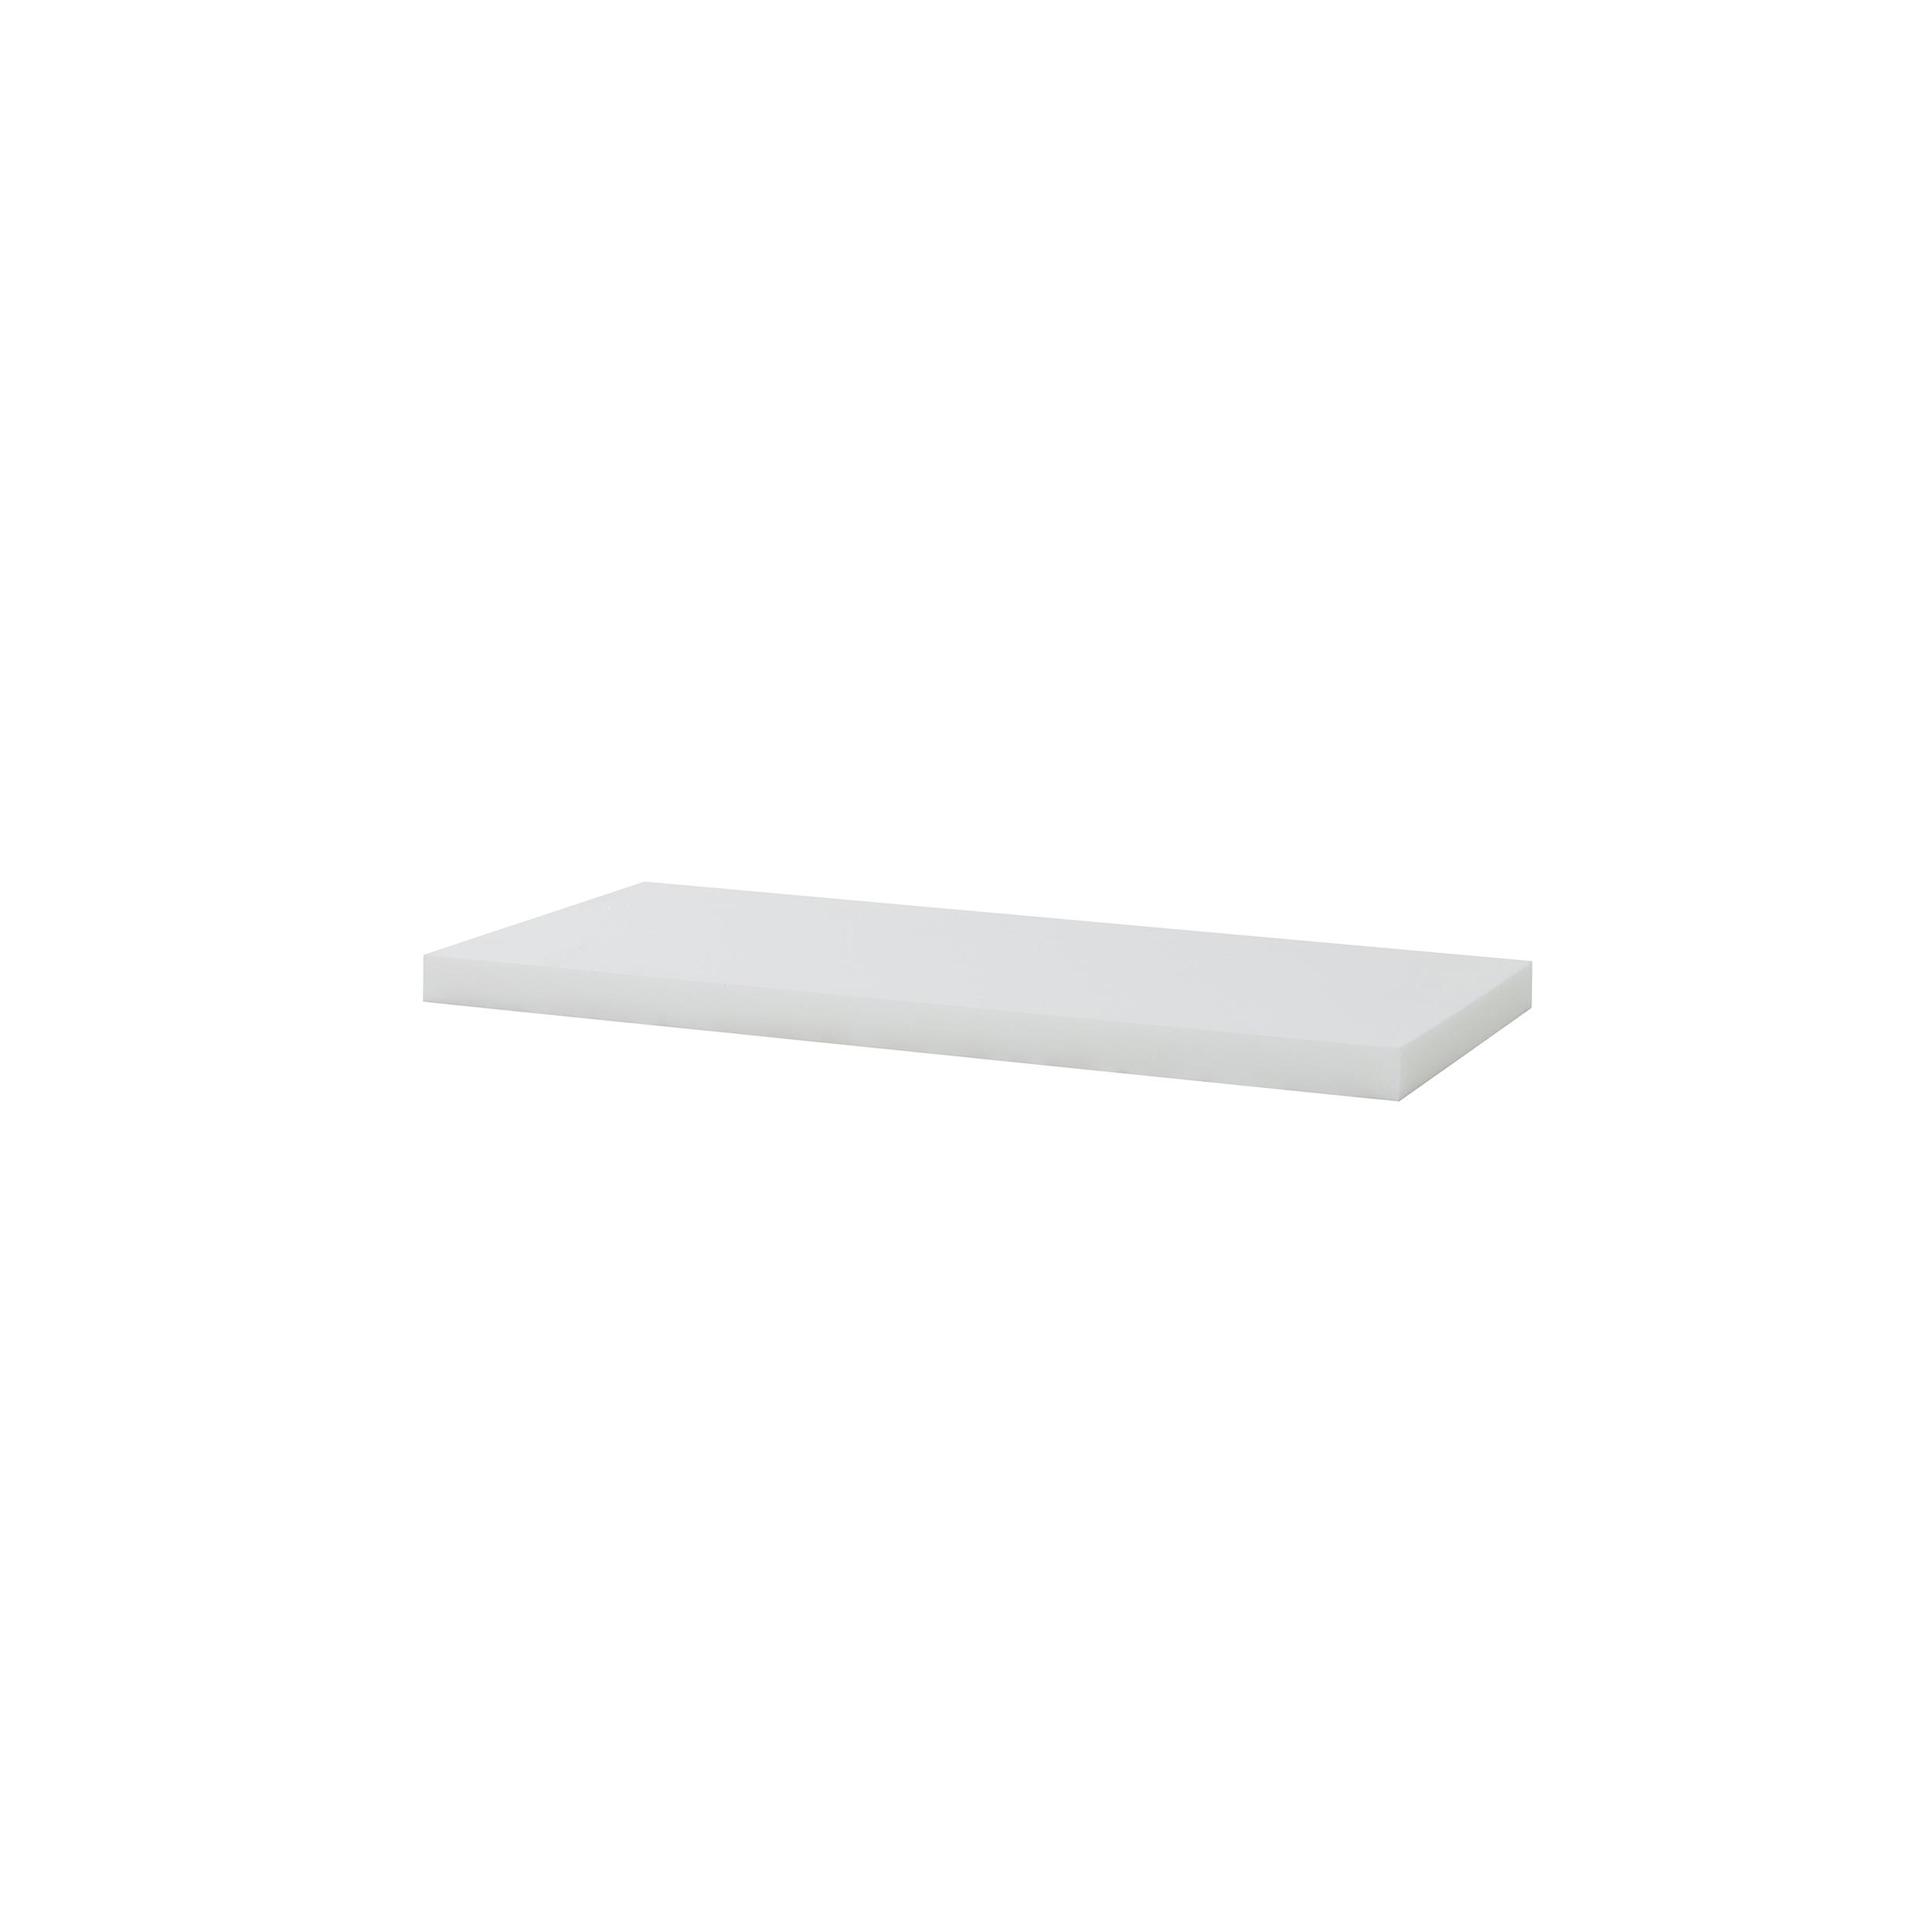 Hoppekids - Foam Mattress - 9x70x190